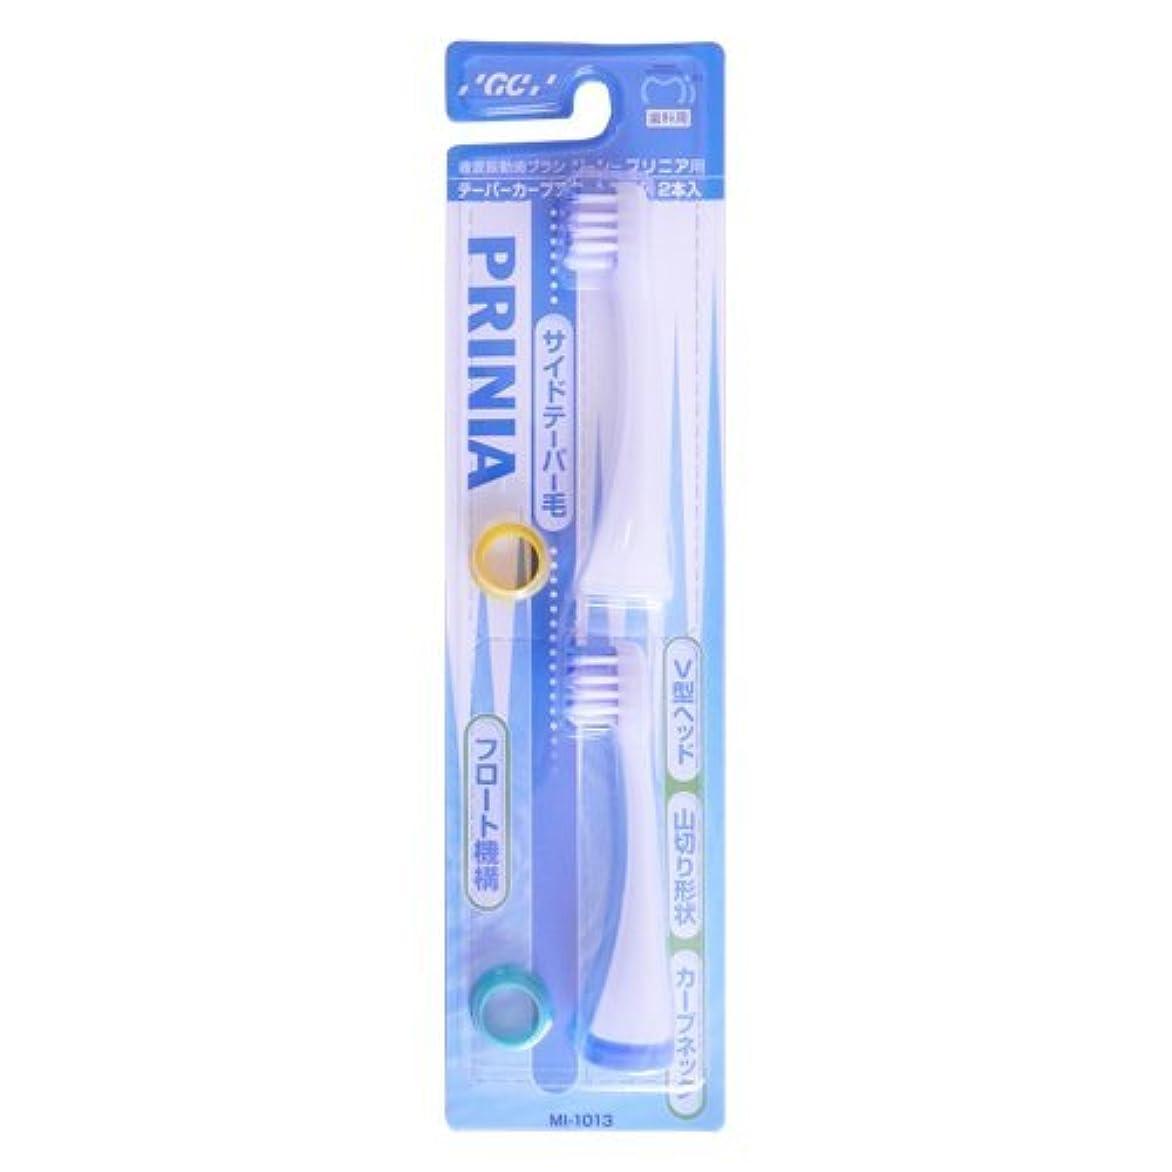 沼地アナニバー無数のプリニア GC 音波振動 歯ブラシ プリニアスリム替えブラシ テーパーカーブフロートブラシ5セット(10本) ブルー